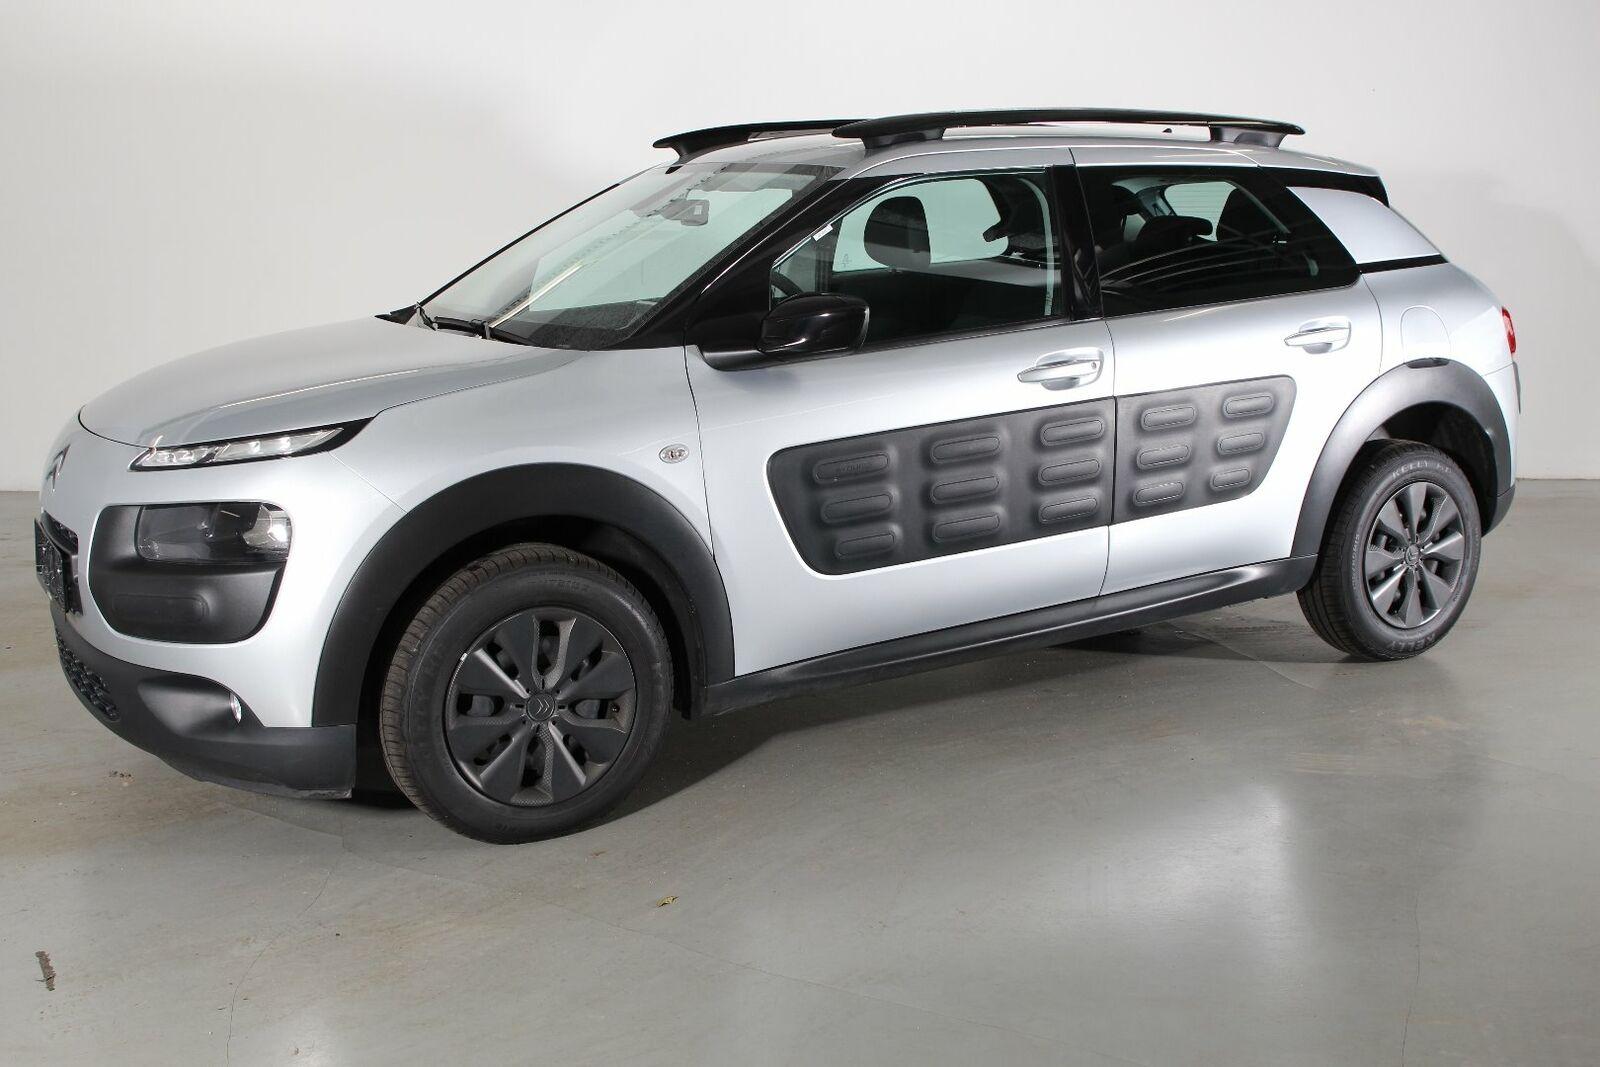 Citroën C4 Cactus 1,6 BlueHDi 100 Challenge 5d - 119.900 kr.